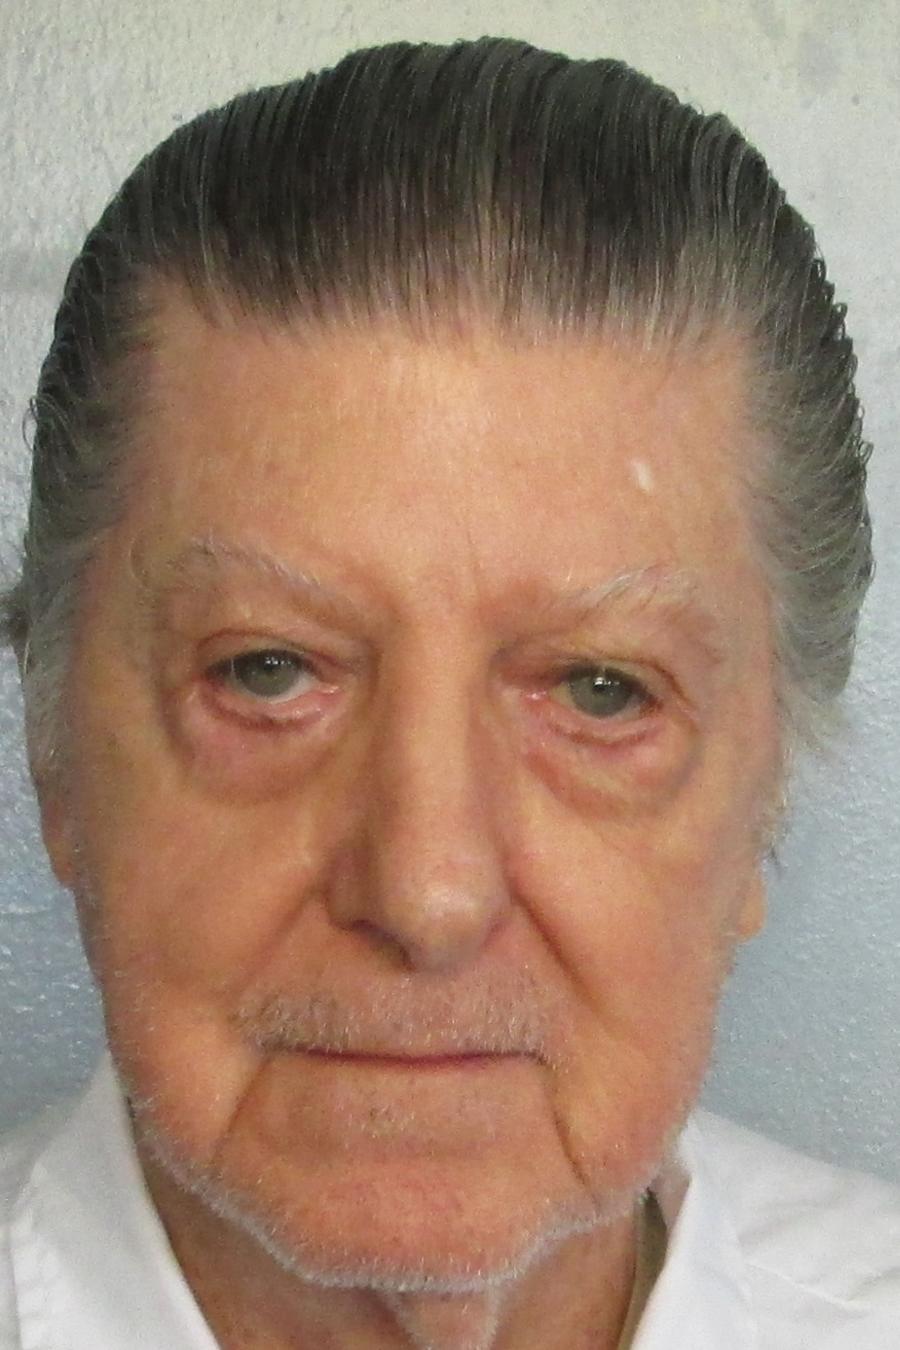 El reculso Walter Leroy Moody, quien fue ejectuado en Alabama.